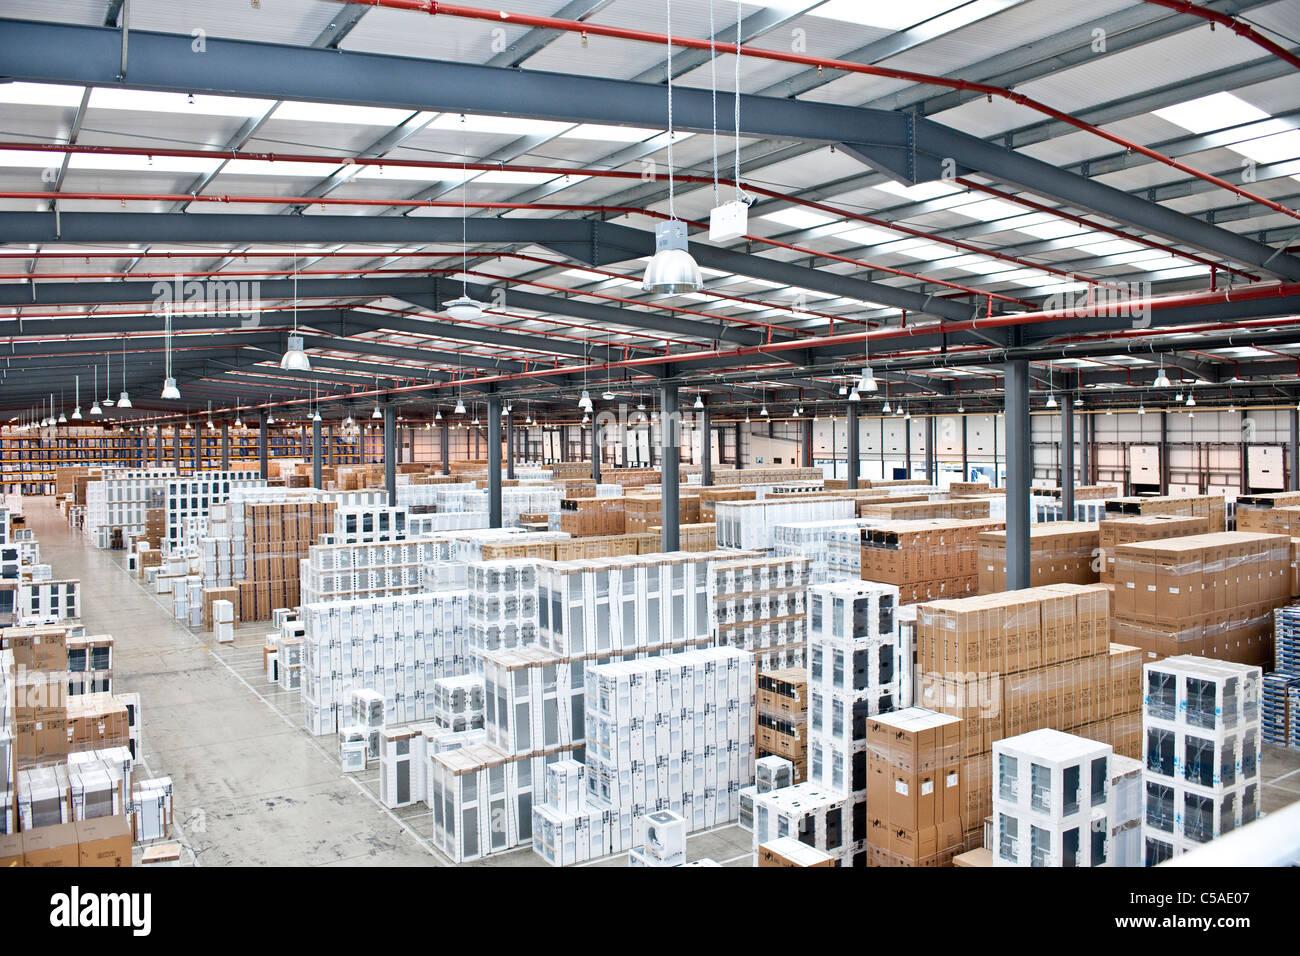 4 stockage de l'entrepôt Photo Stock